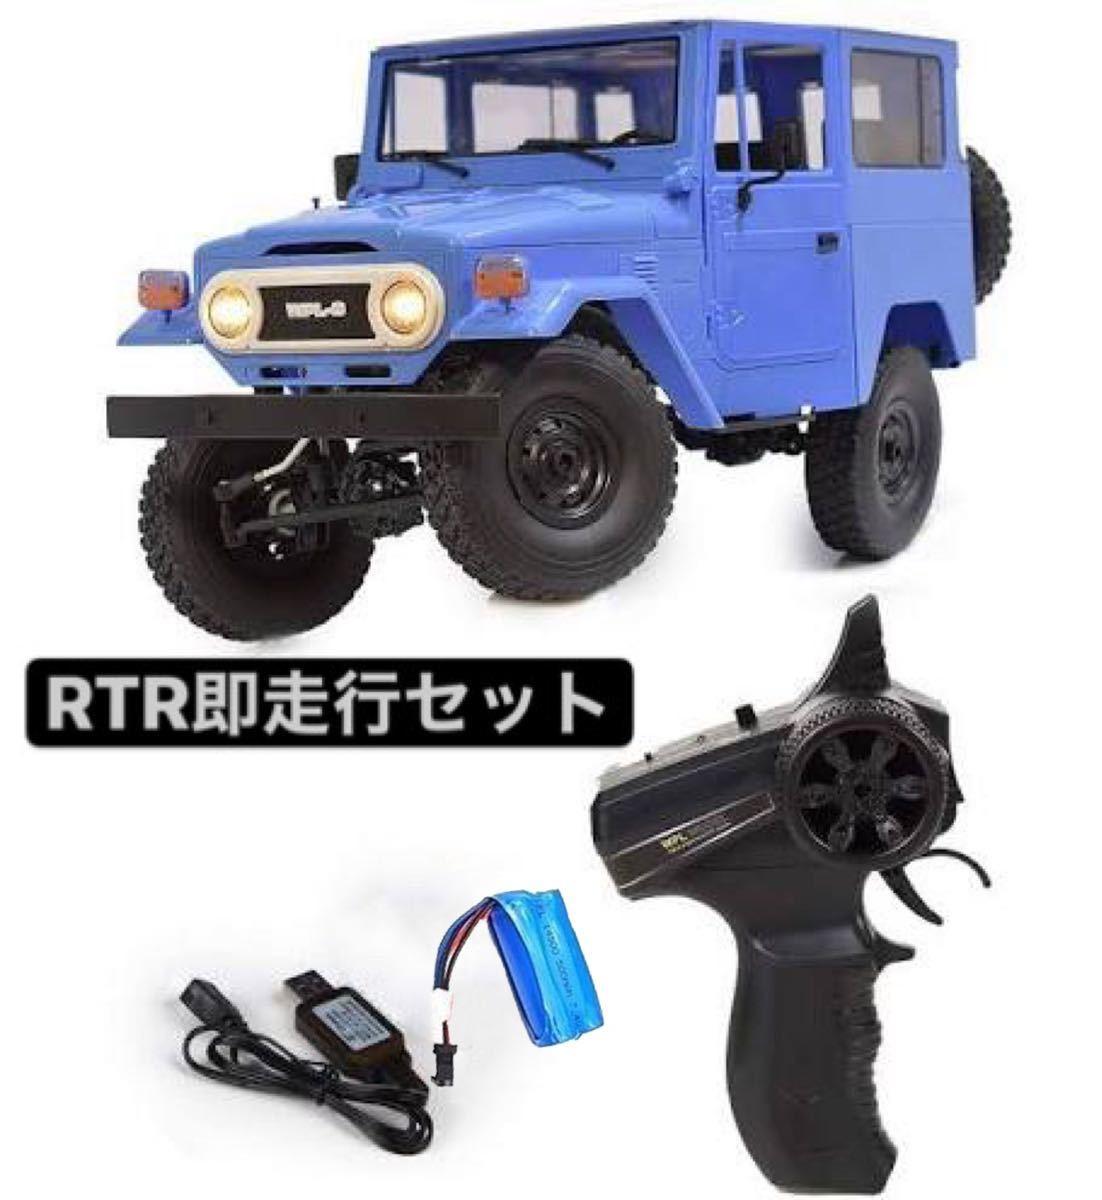 ★国内即納★青 ブルー WPL C34 ラジコンカー RC 1/16 2.4G 4WD RTR即走行セット トラック クローラー オフロード D12後継スケールロック_画像1